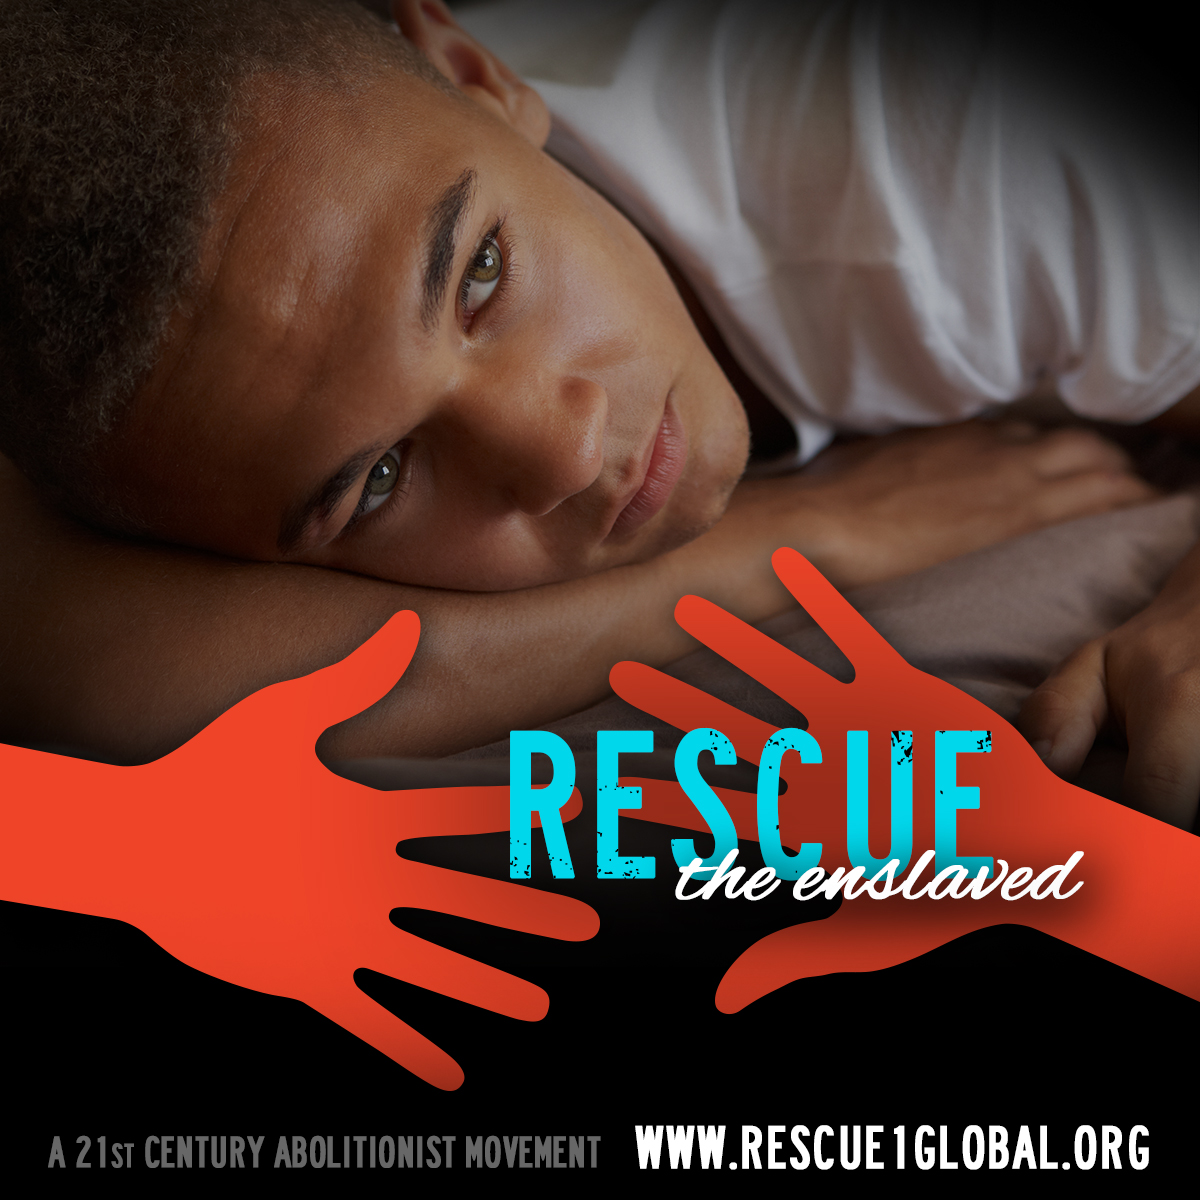 Rescue-Share-Rescue1